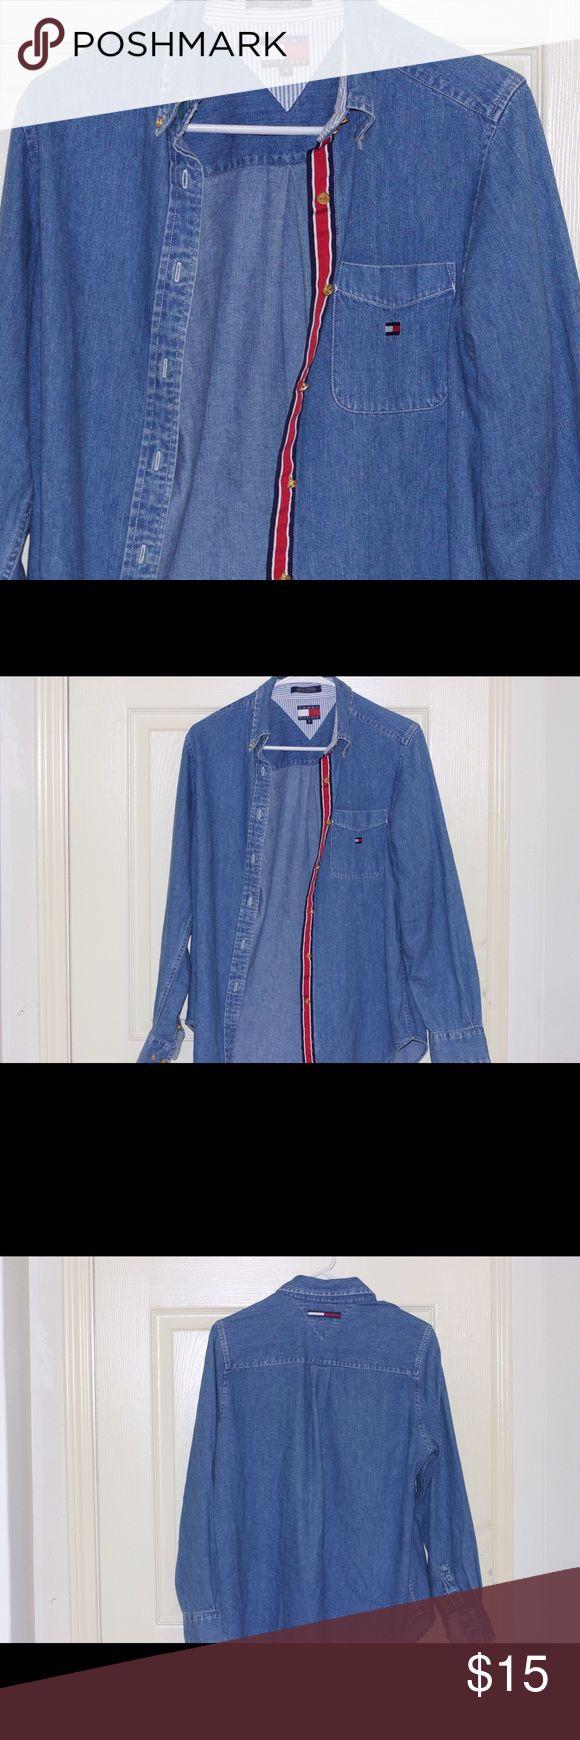 ❗️VINTAGE TOMMY HILFIGER JEAN SHIRT/JACKET❗️ Good condition, vintage look. Tommy Hilfiger Sweaters